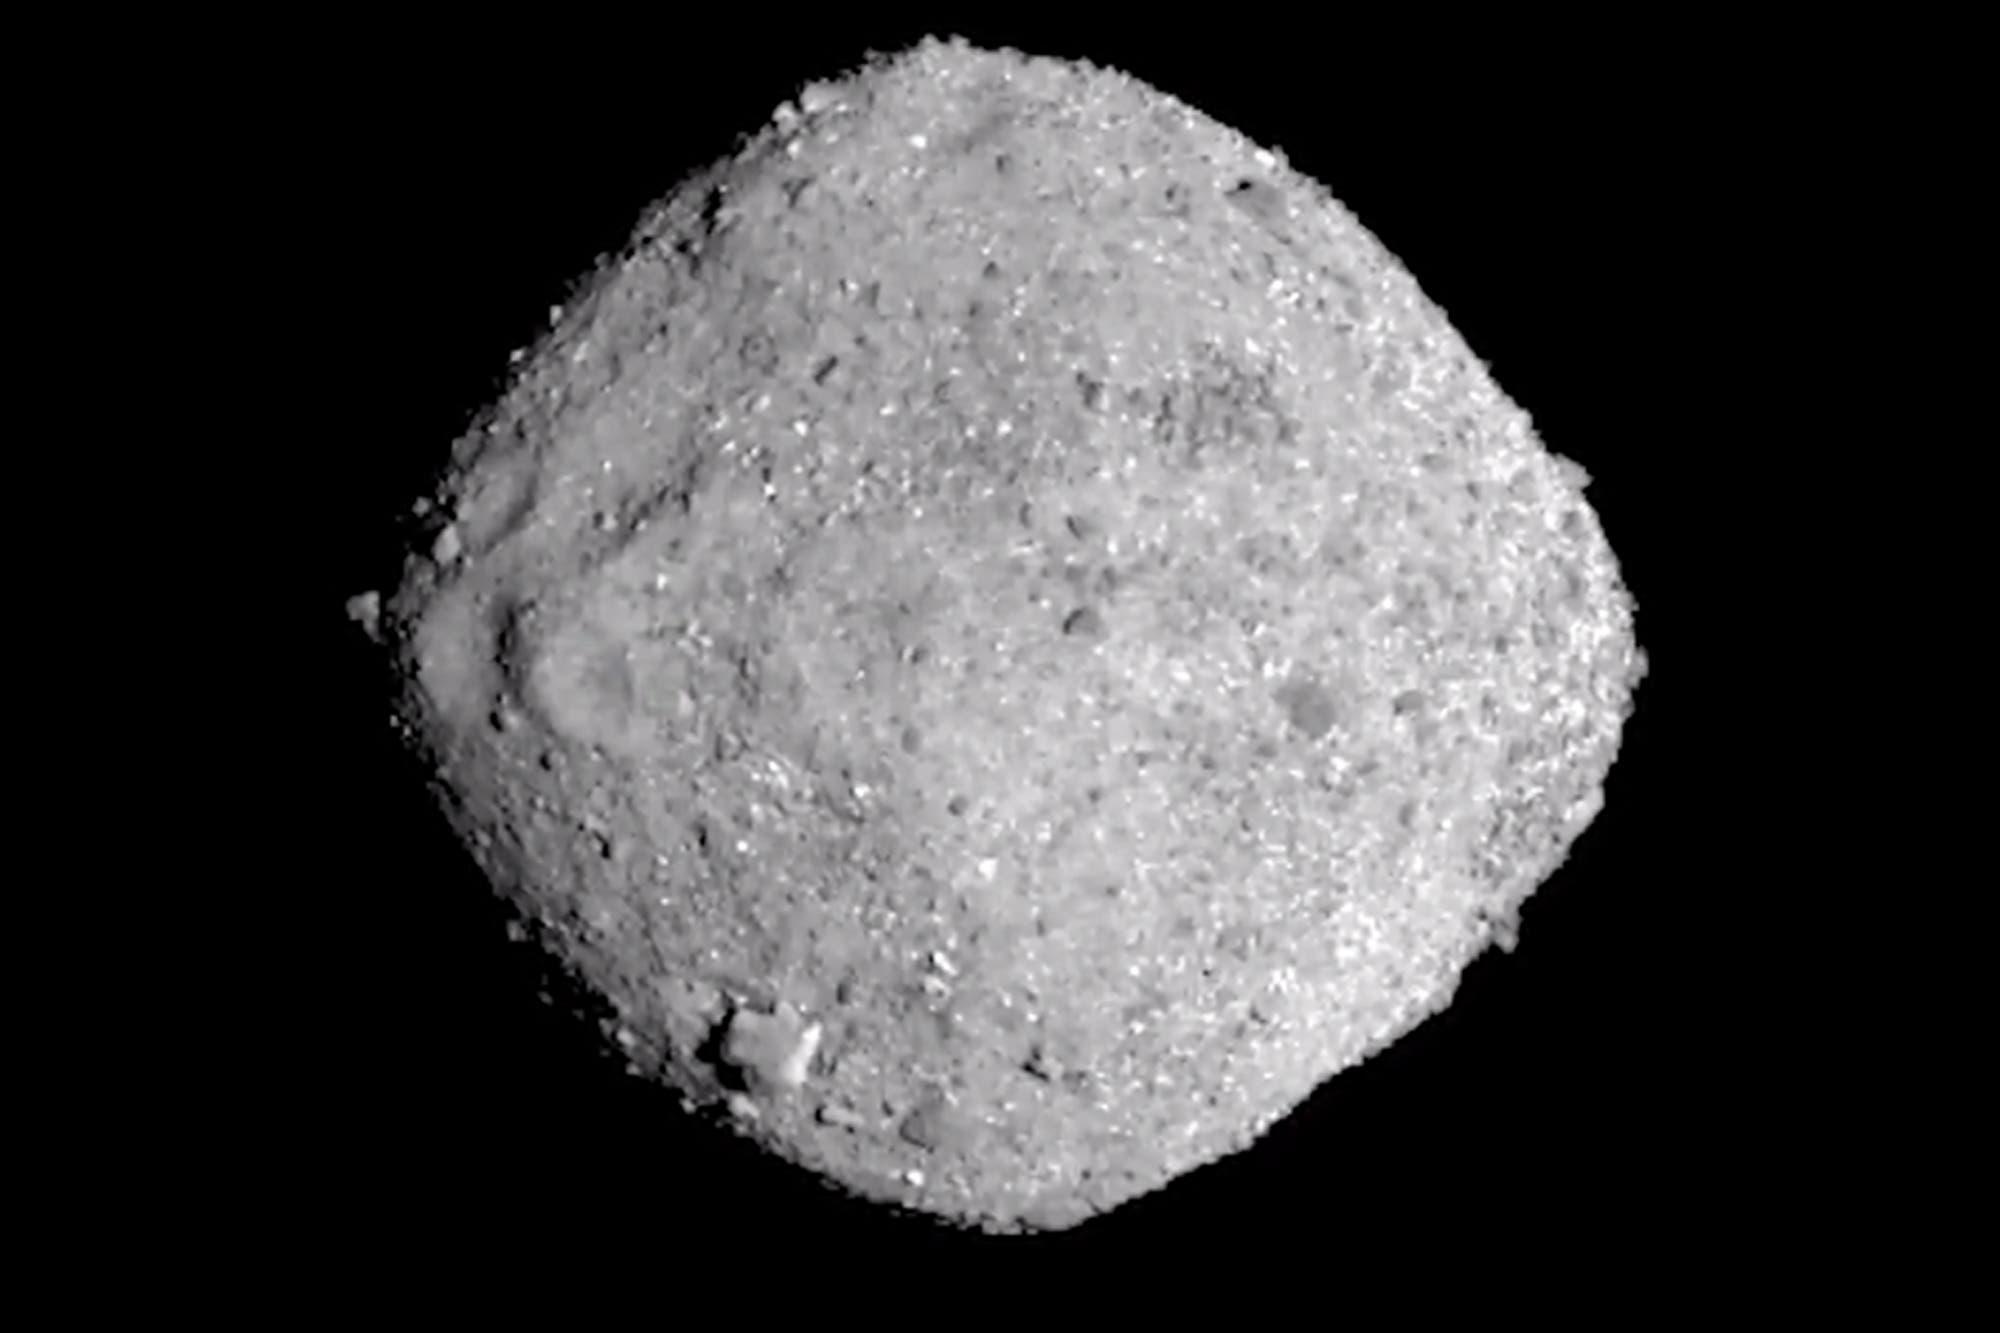 La Nasa publica la imagen de un asteroide que podría chocar contra la Tierra